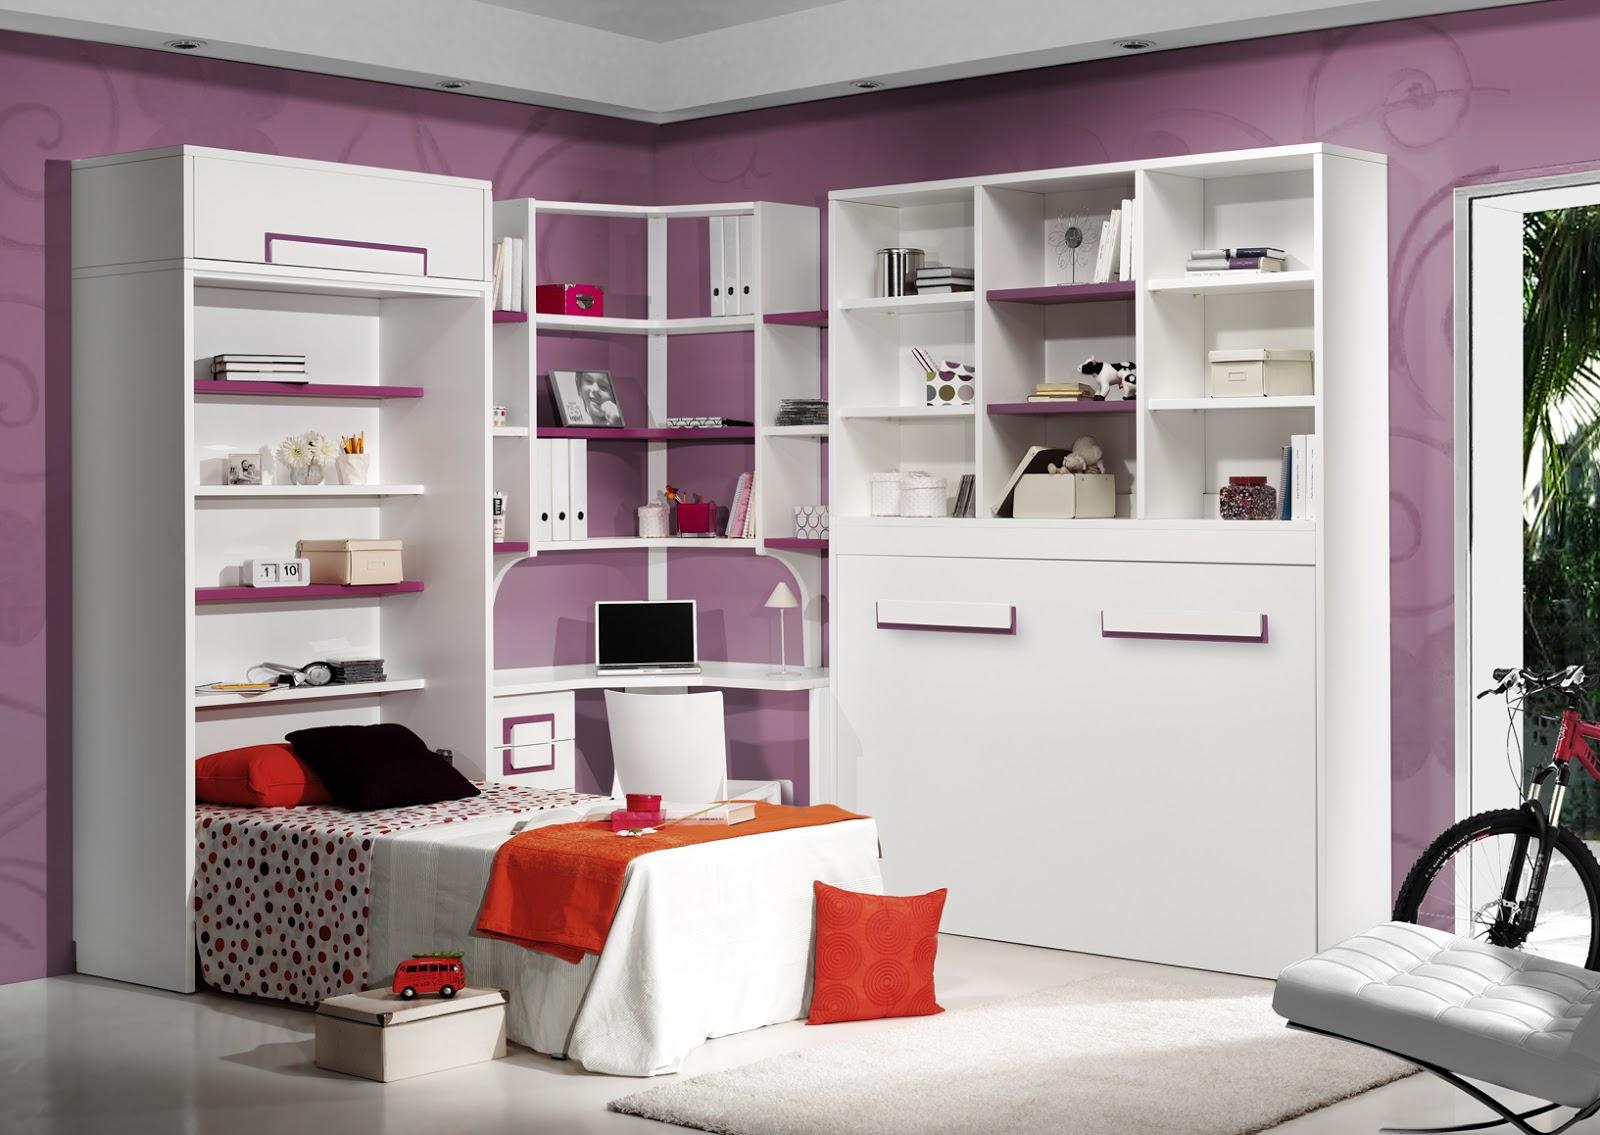 911738824 - Muebles para habitaciones pequenas juveniles ...